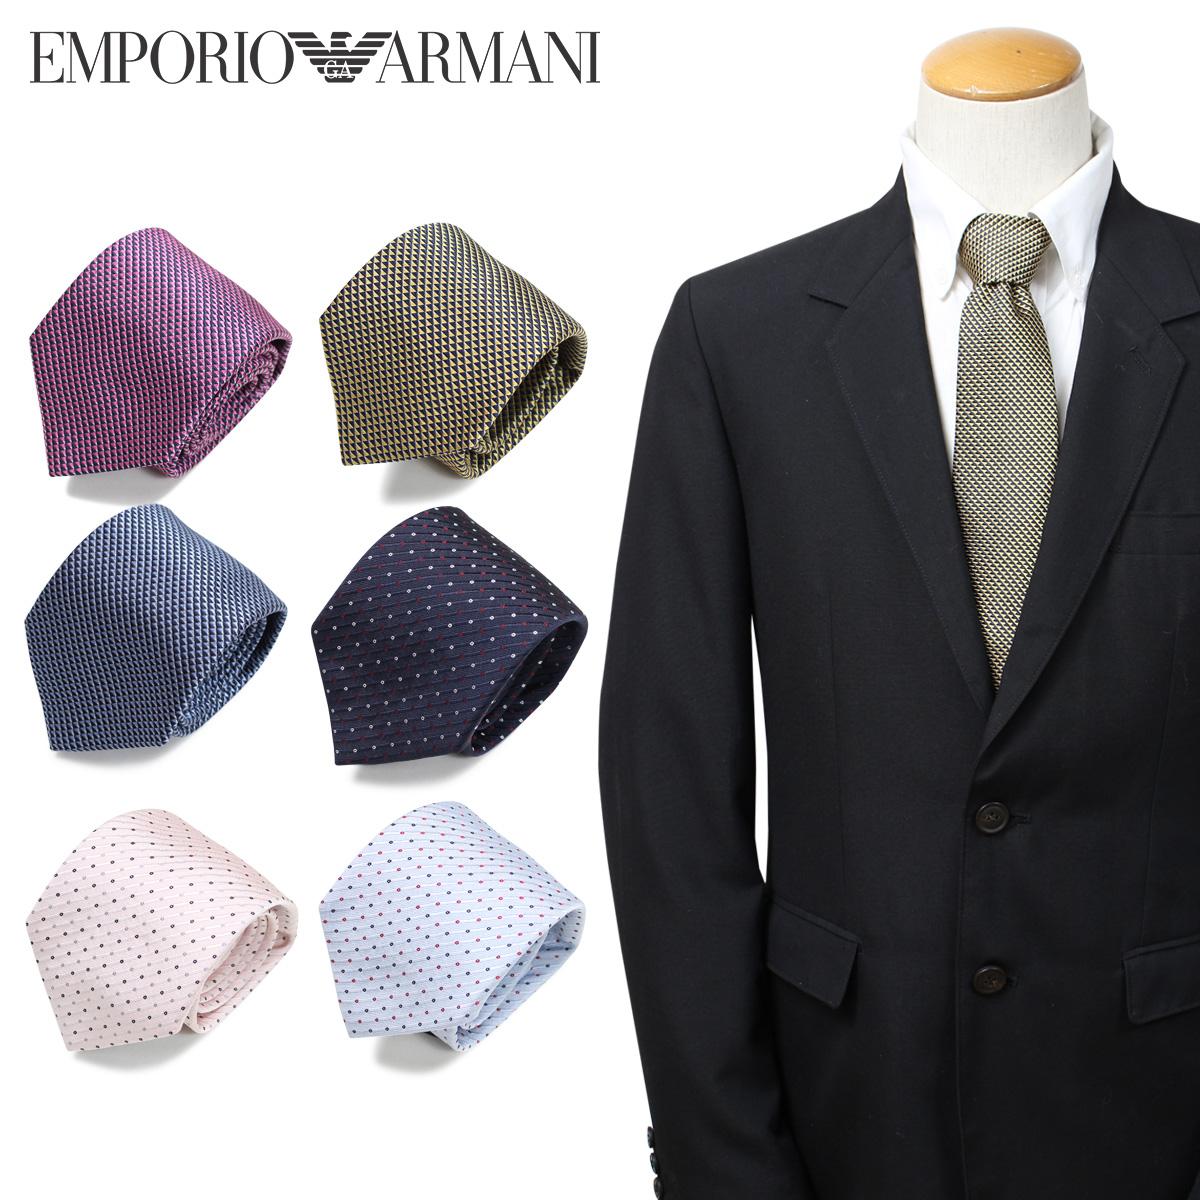 EMPORIO ARMANI エンポリオ アルマーニ ネクタイ メンズ イタリア製 シルク ビジネス 結婚式 [3/22 新入荷]